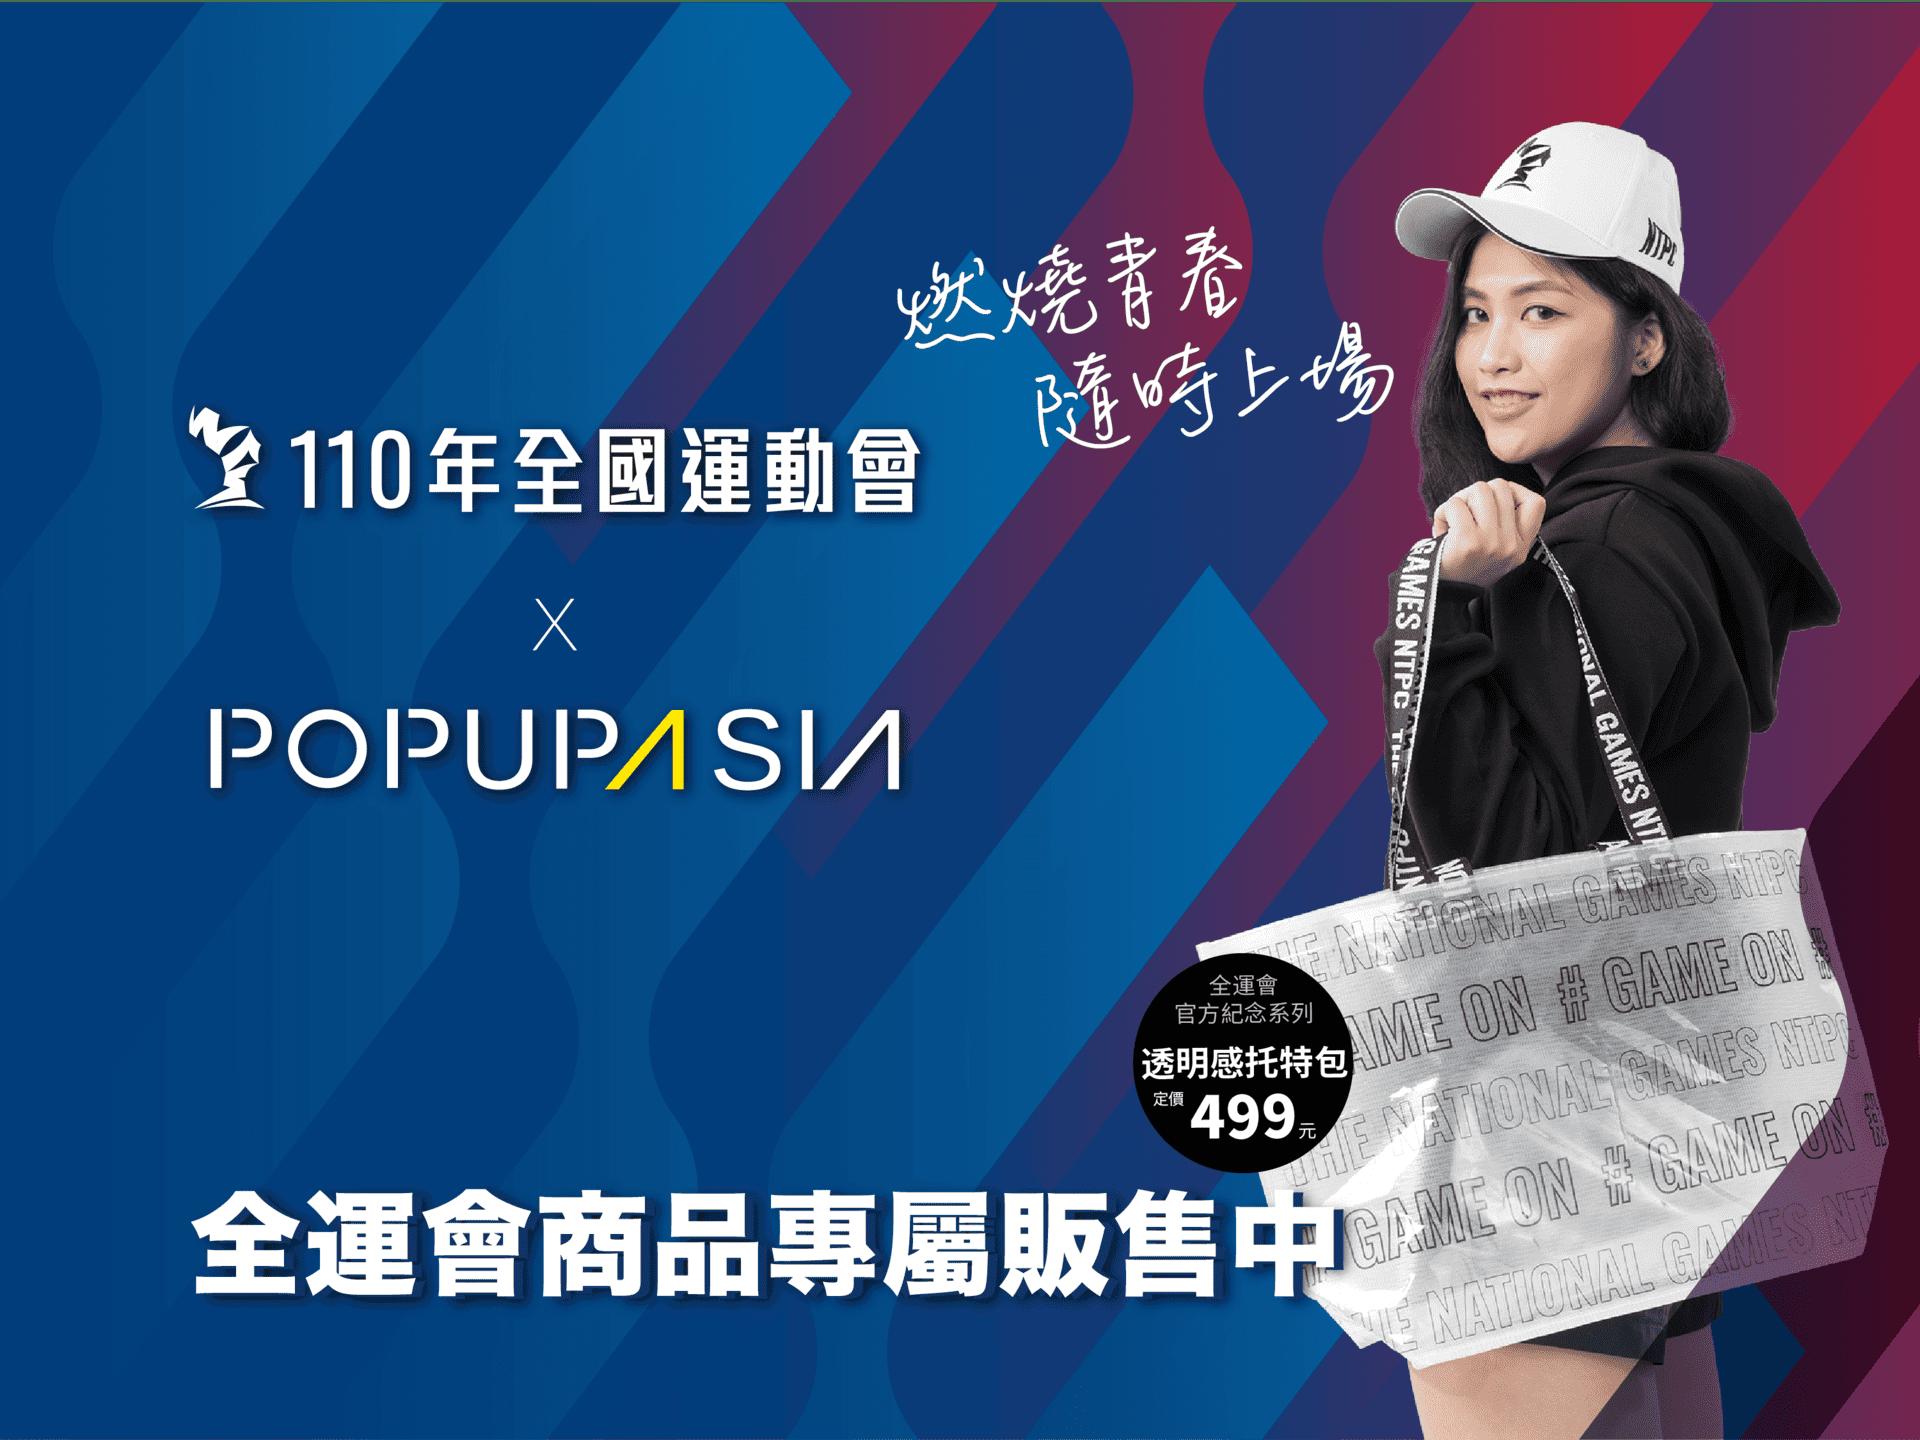 110全運會周邊商品上架 X 亞洲手創展線上商店Pop Up Asia Store